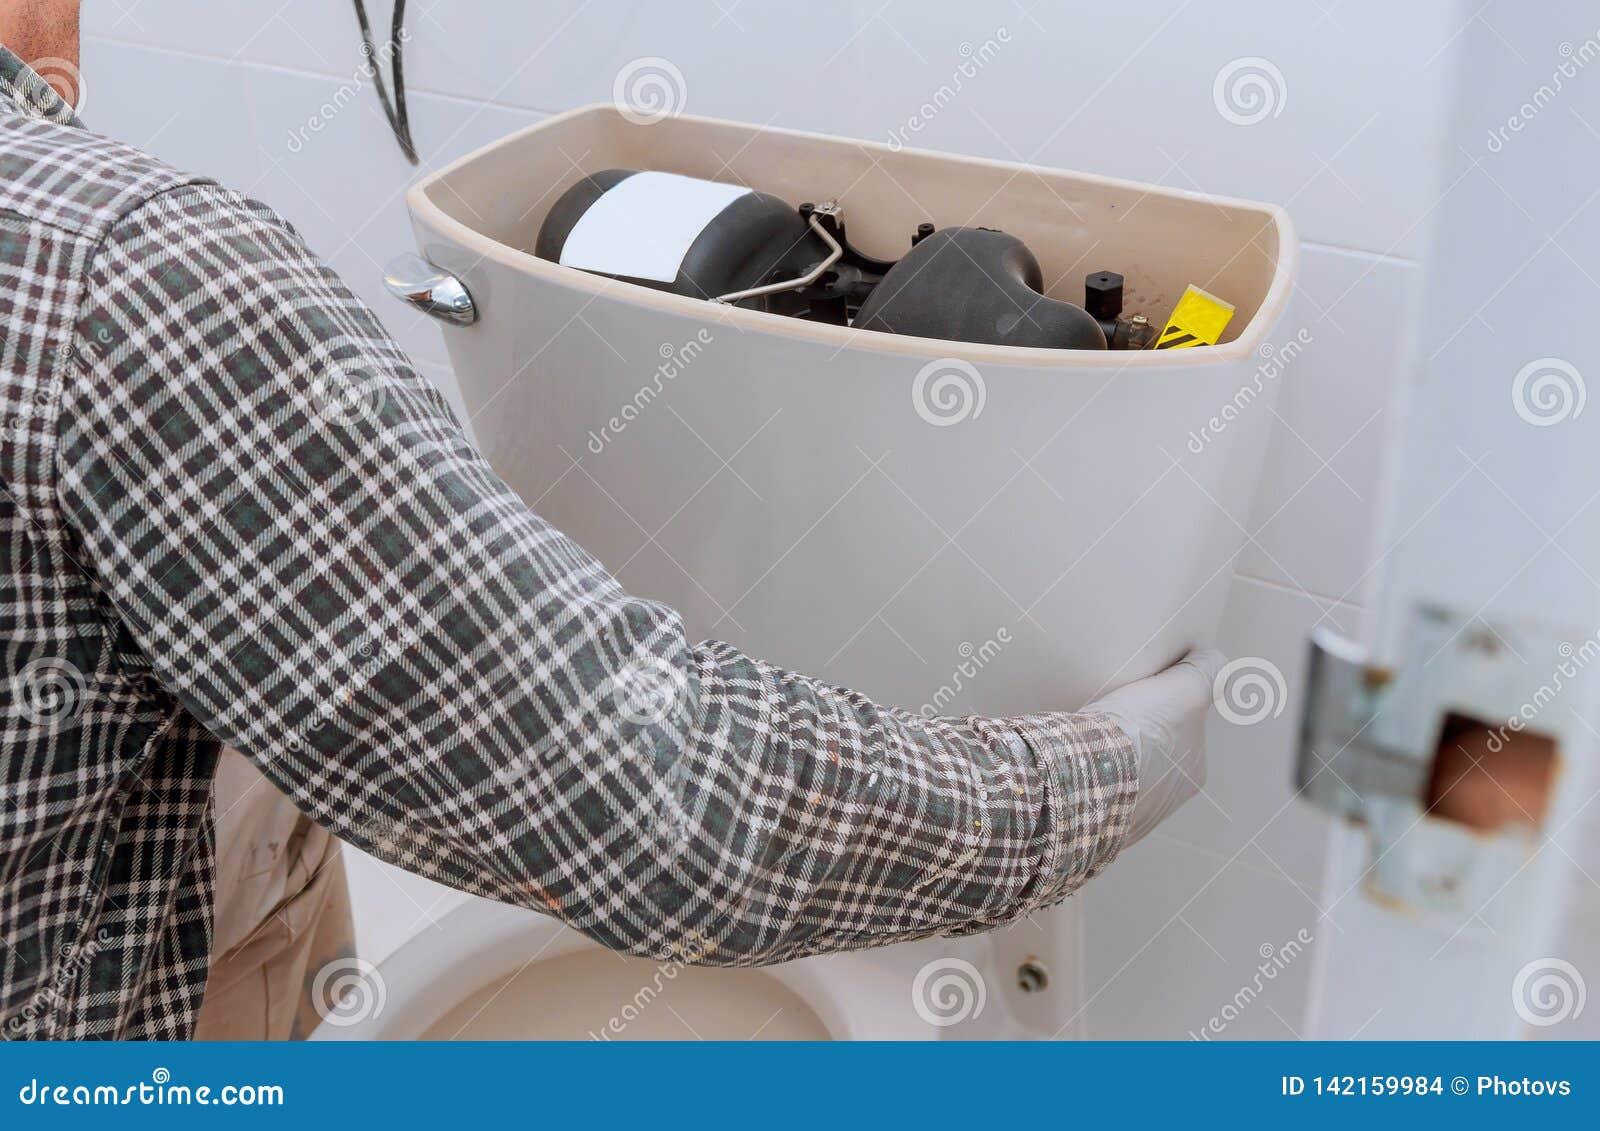 Mensenarbeider die met toilettank herstellen in badkamers, close-up